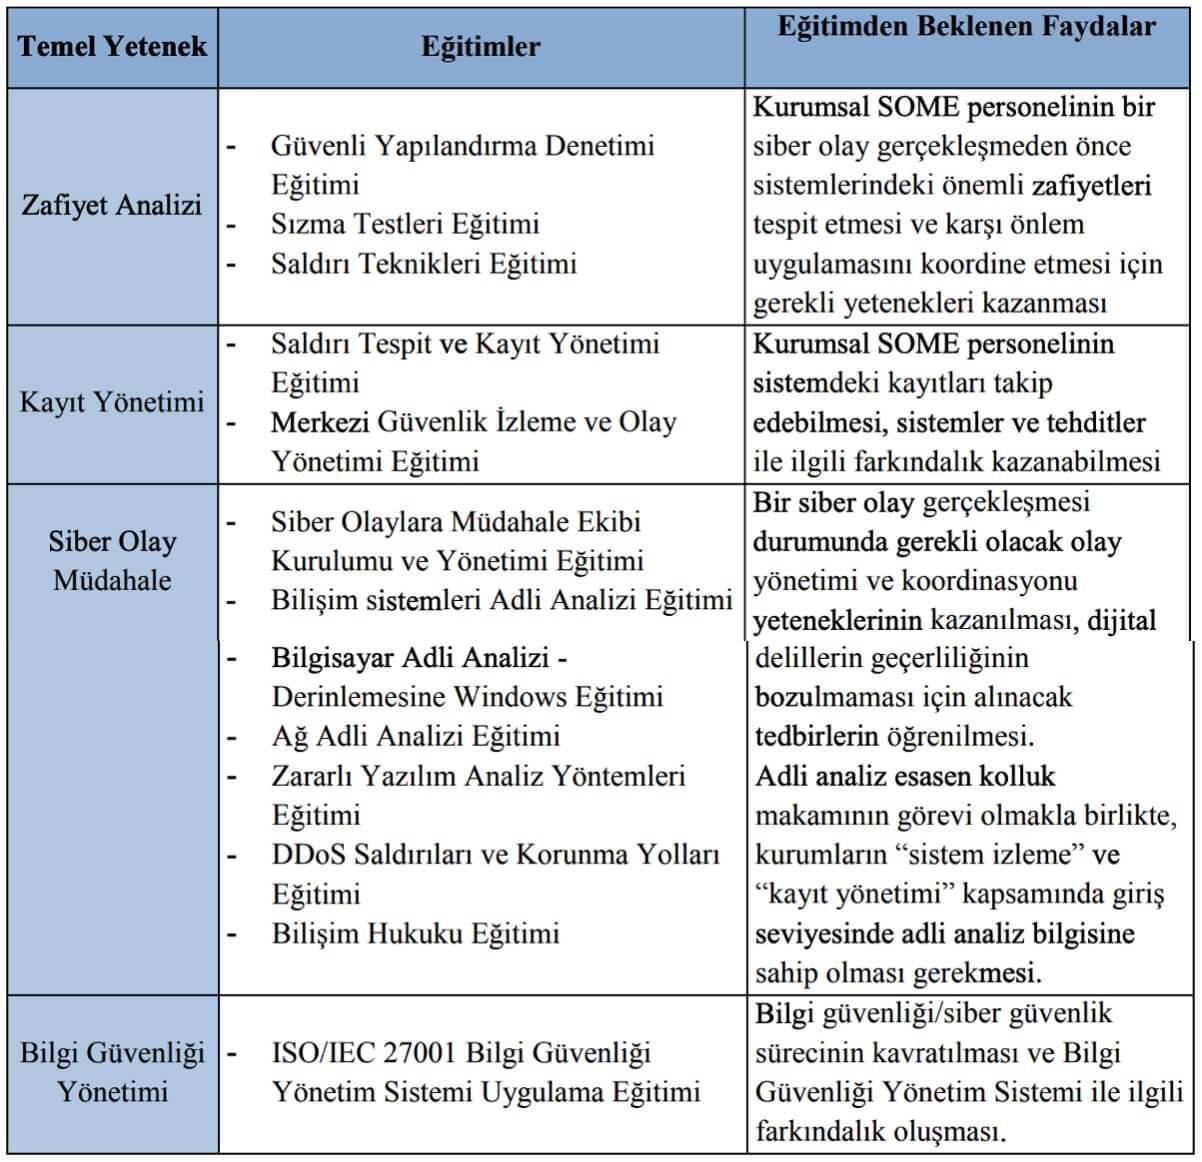 Kurumsal SOME'lerin alması tavsiye edilen eğitimler aşağıdaki tabloda gösterilmiştir.